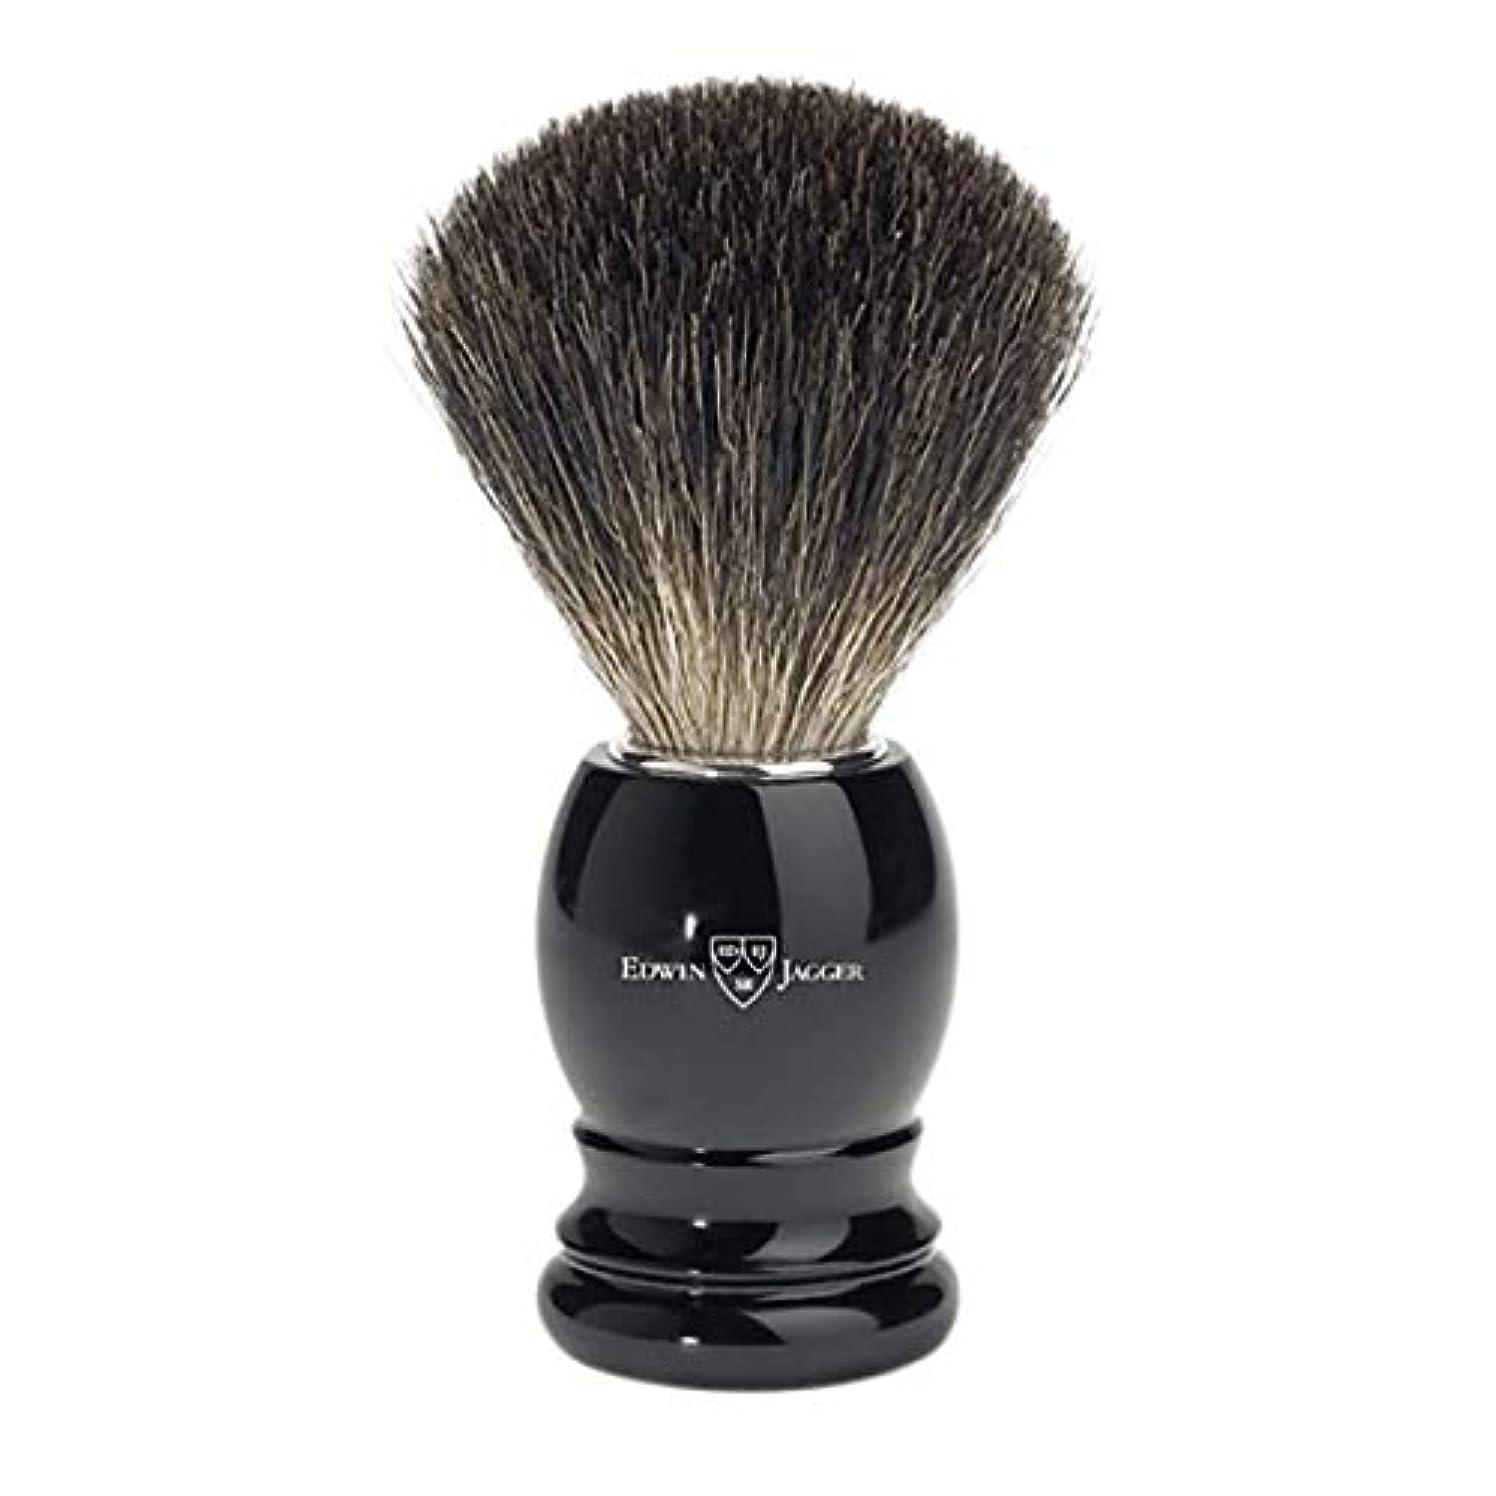 切り刻む人里離れた推進エドウィンジャガー ブラックイミテーションエボニーベストバジャーシェービングブラシ81P26[海外直送品]Edwin Jagger Black Imitation Ebony Best Badger Shaving Brush...